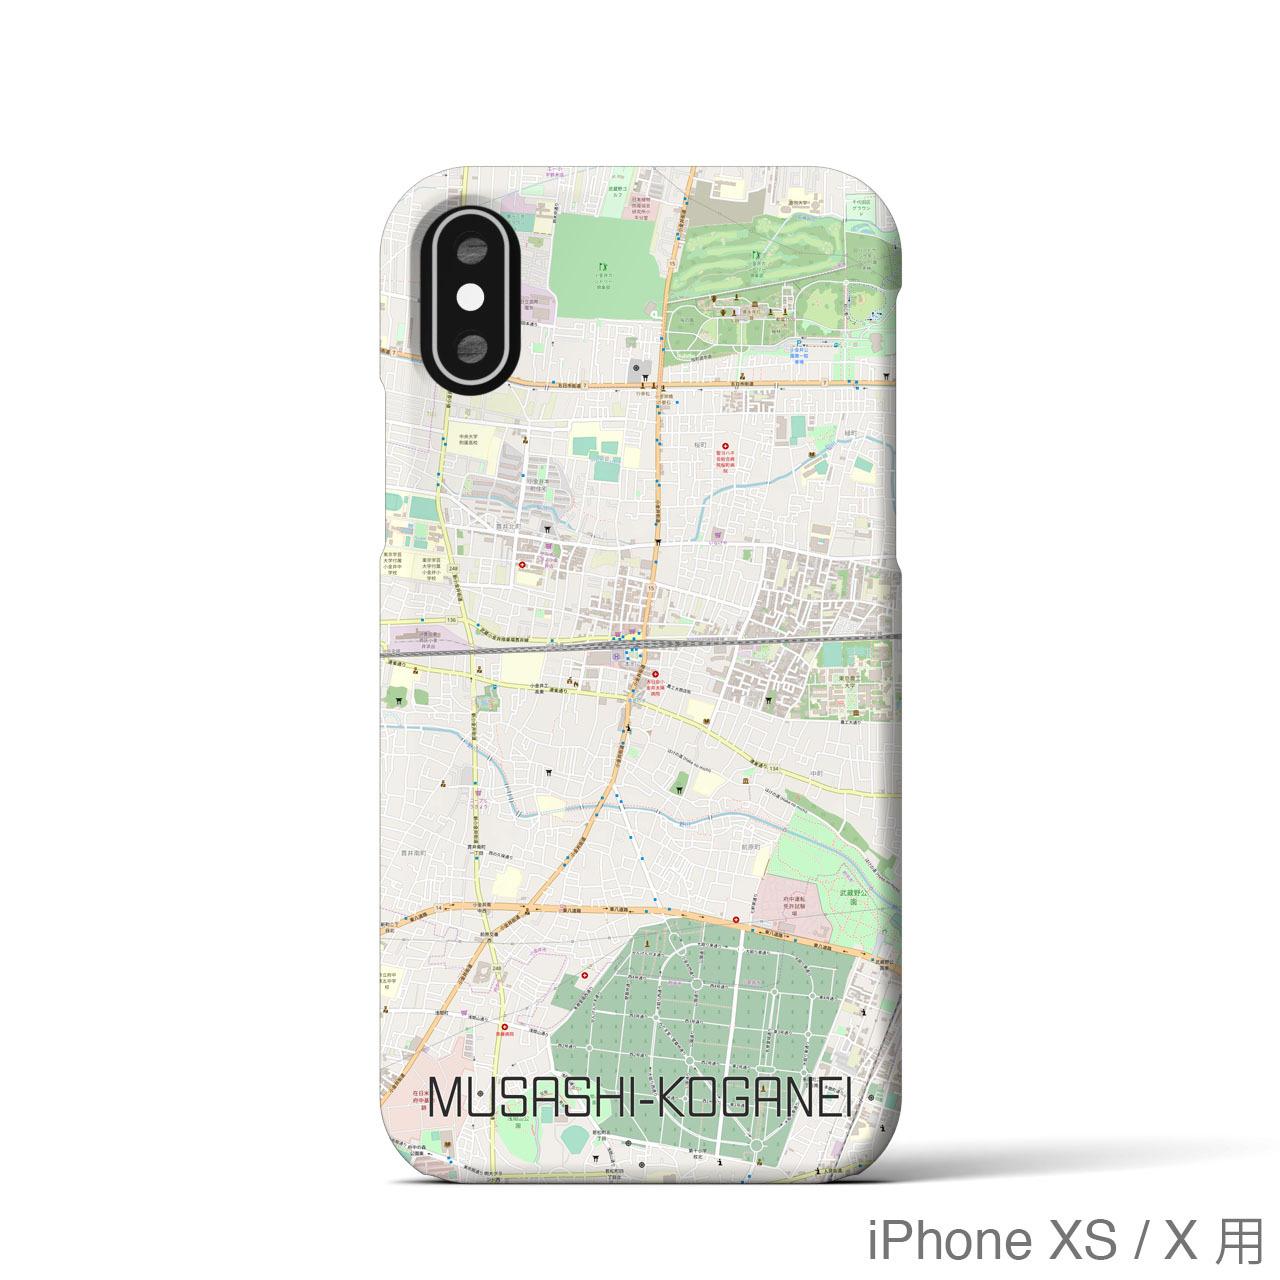 【武蔵小金井】地図柄iPhoneケース(バックカバータイプ・ナチュラル)